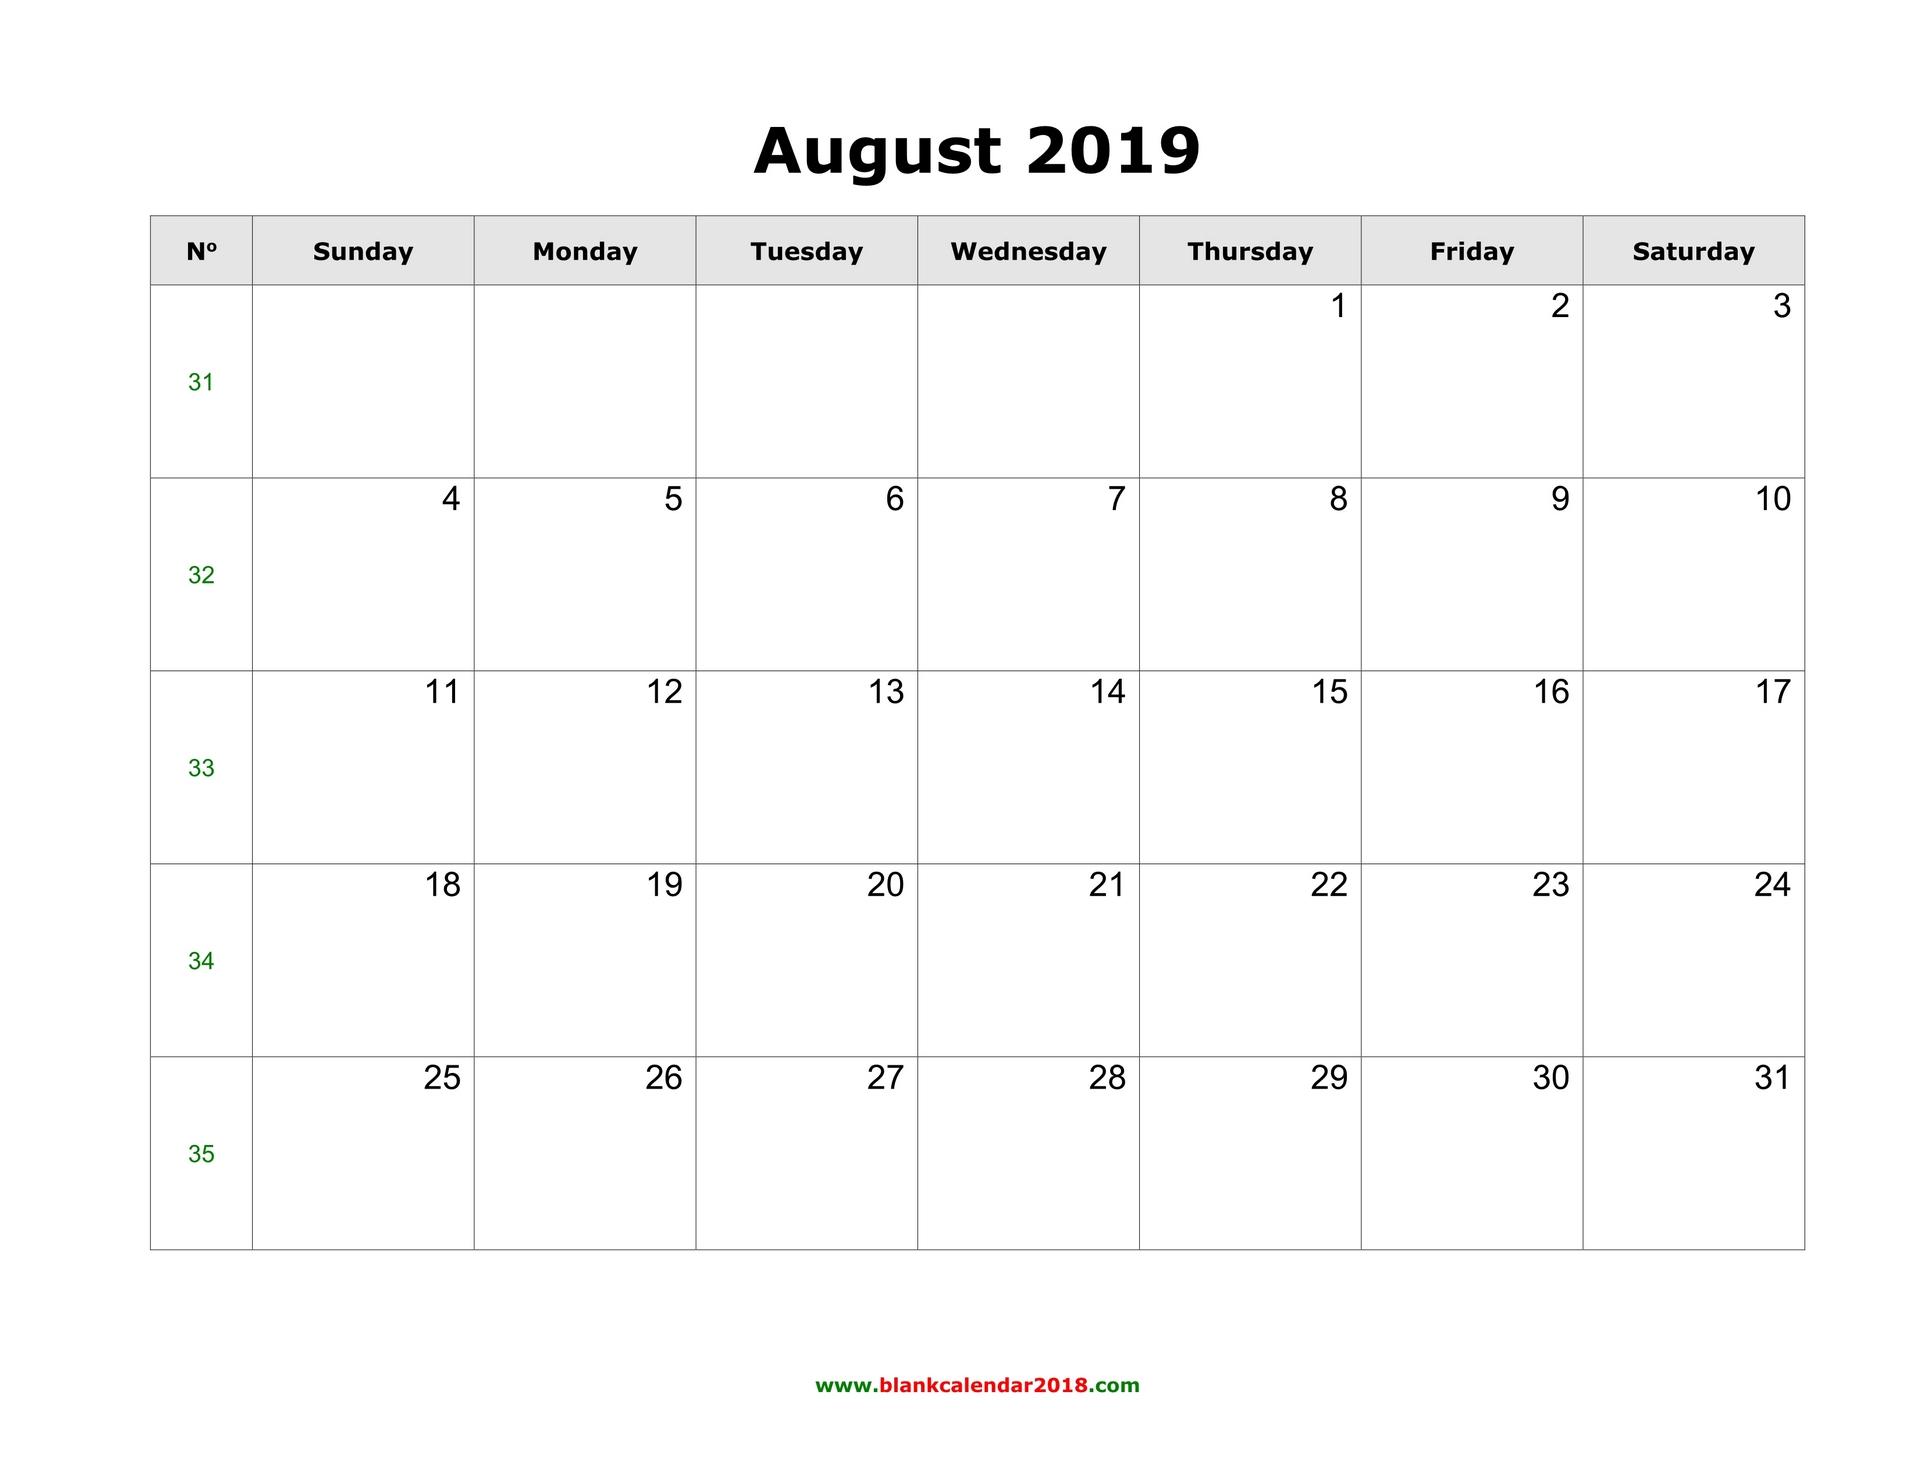 Blank Calendar For August 2019 regarding Downloadable Calendar Templates August